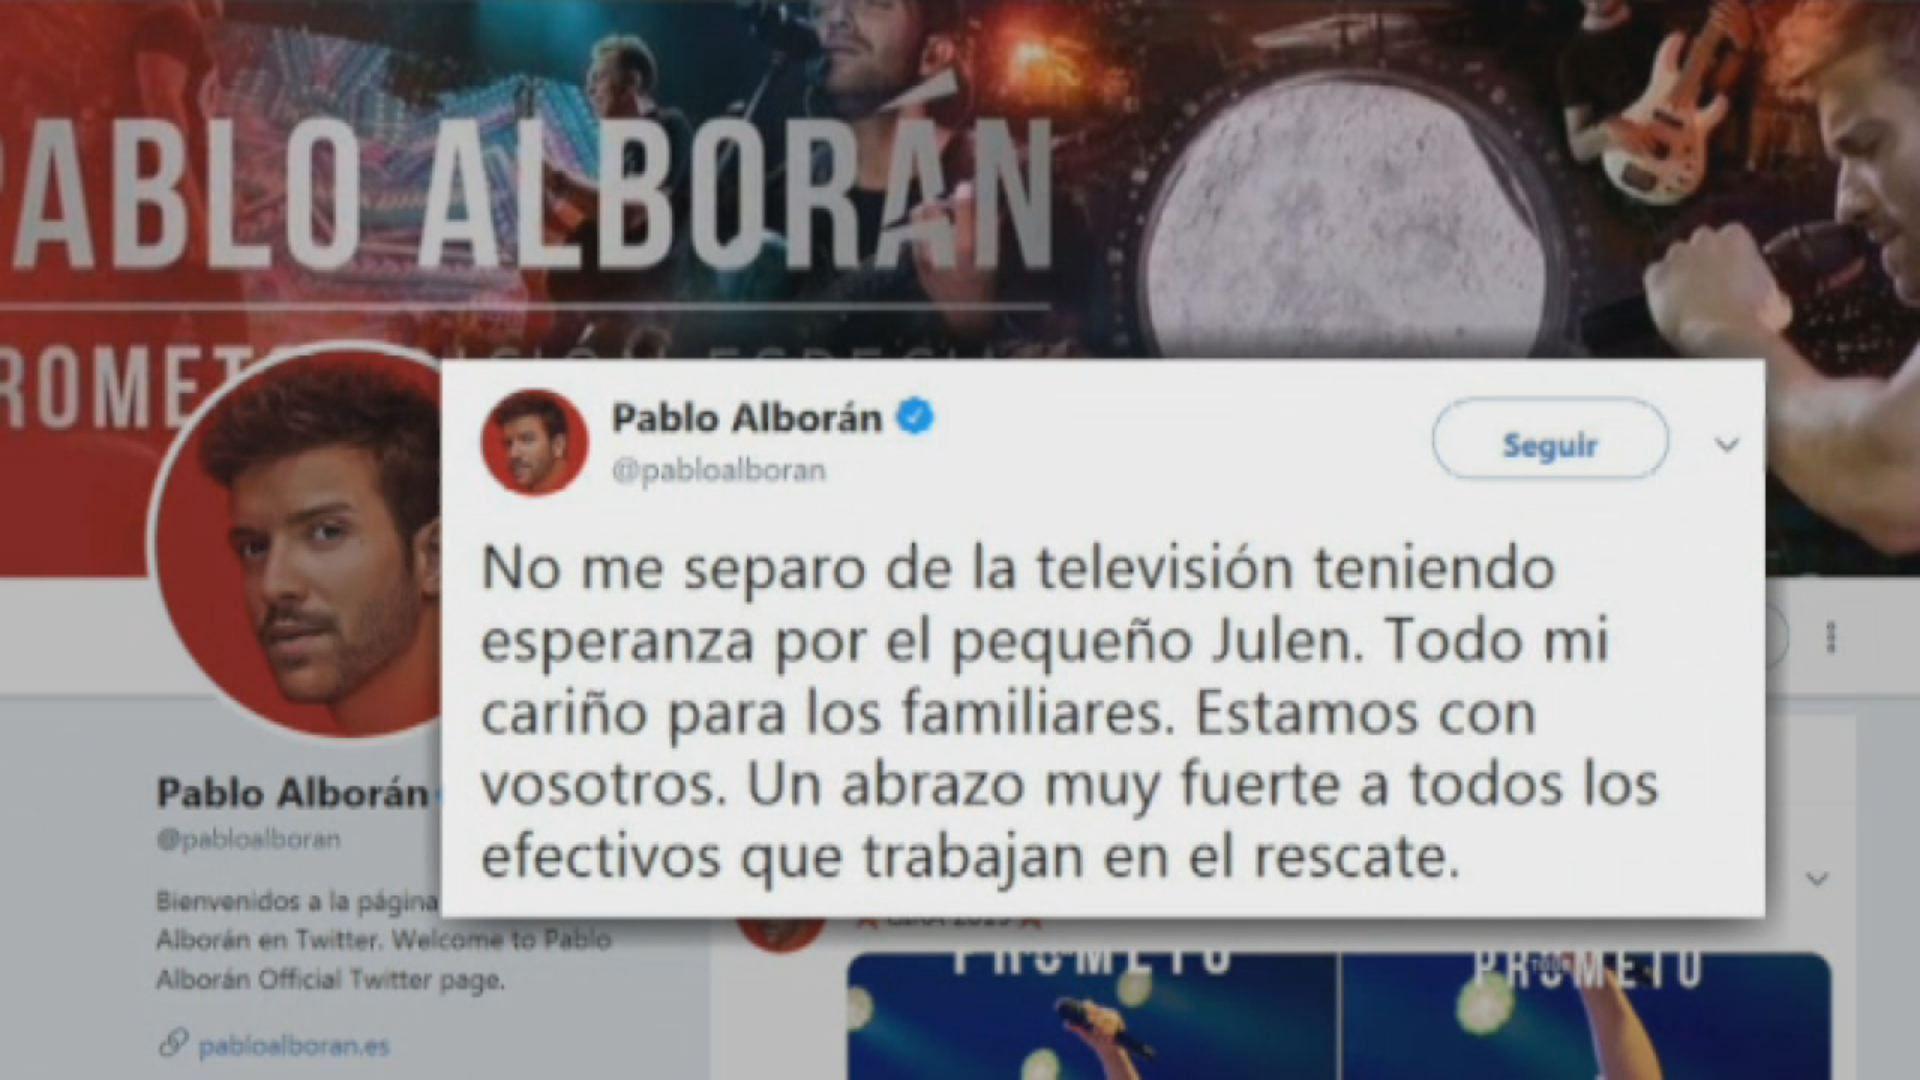 Famosos como Pablo Alborán han mostrado en Twitter su conmoción ante el caso de Julen en Totalán